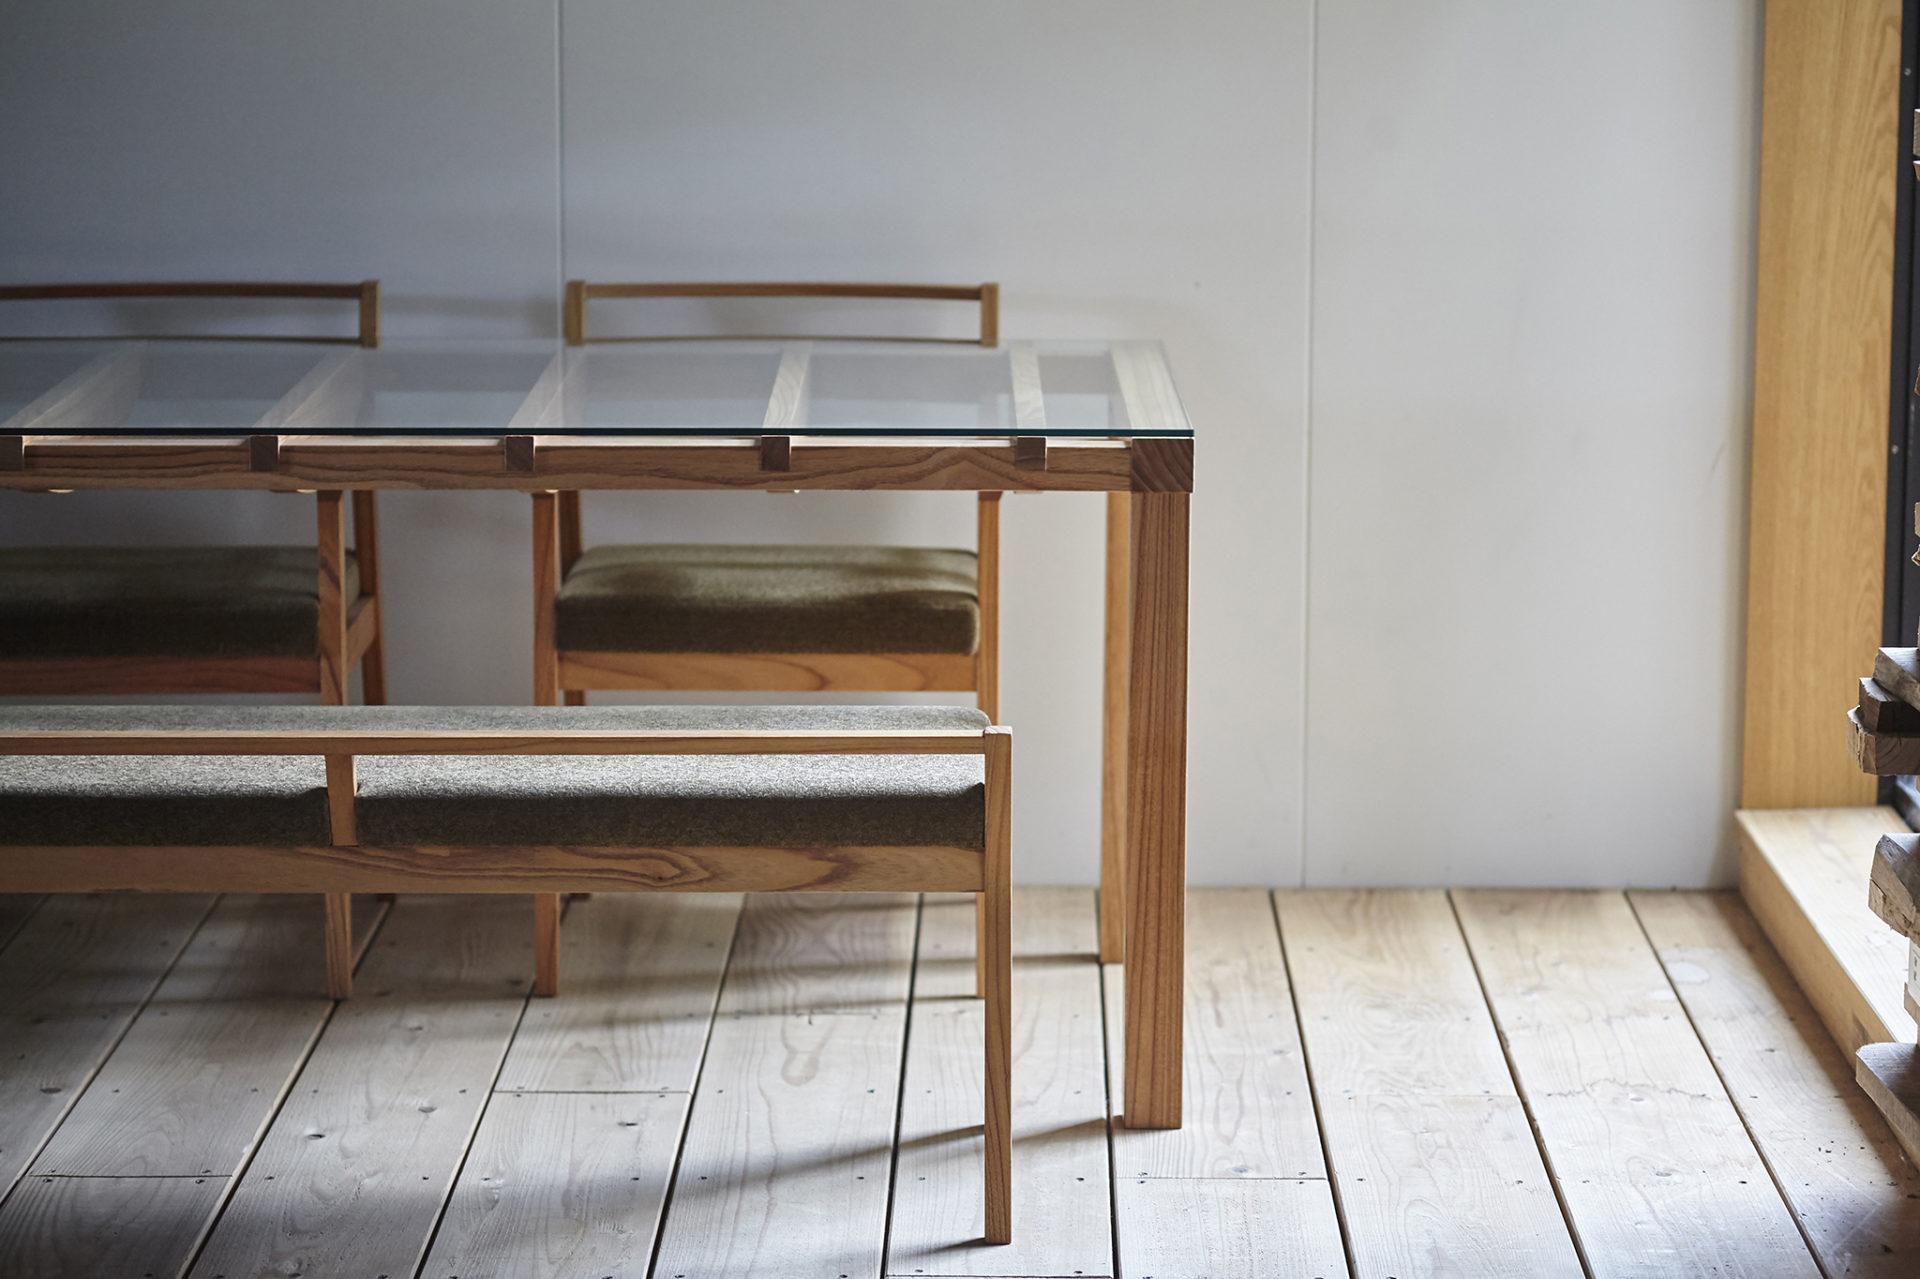 barco table + ibiza arm chair + ibiza bench